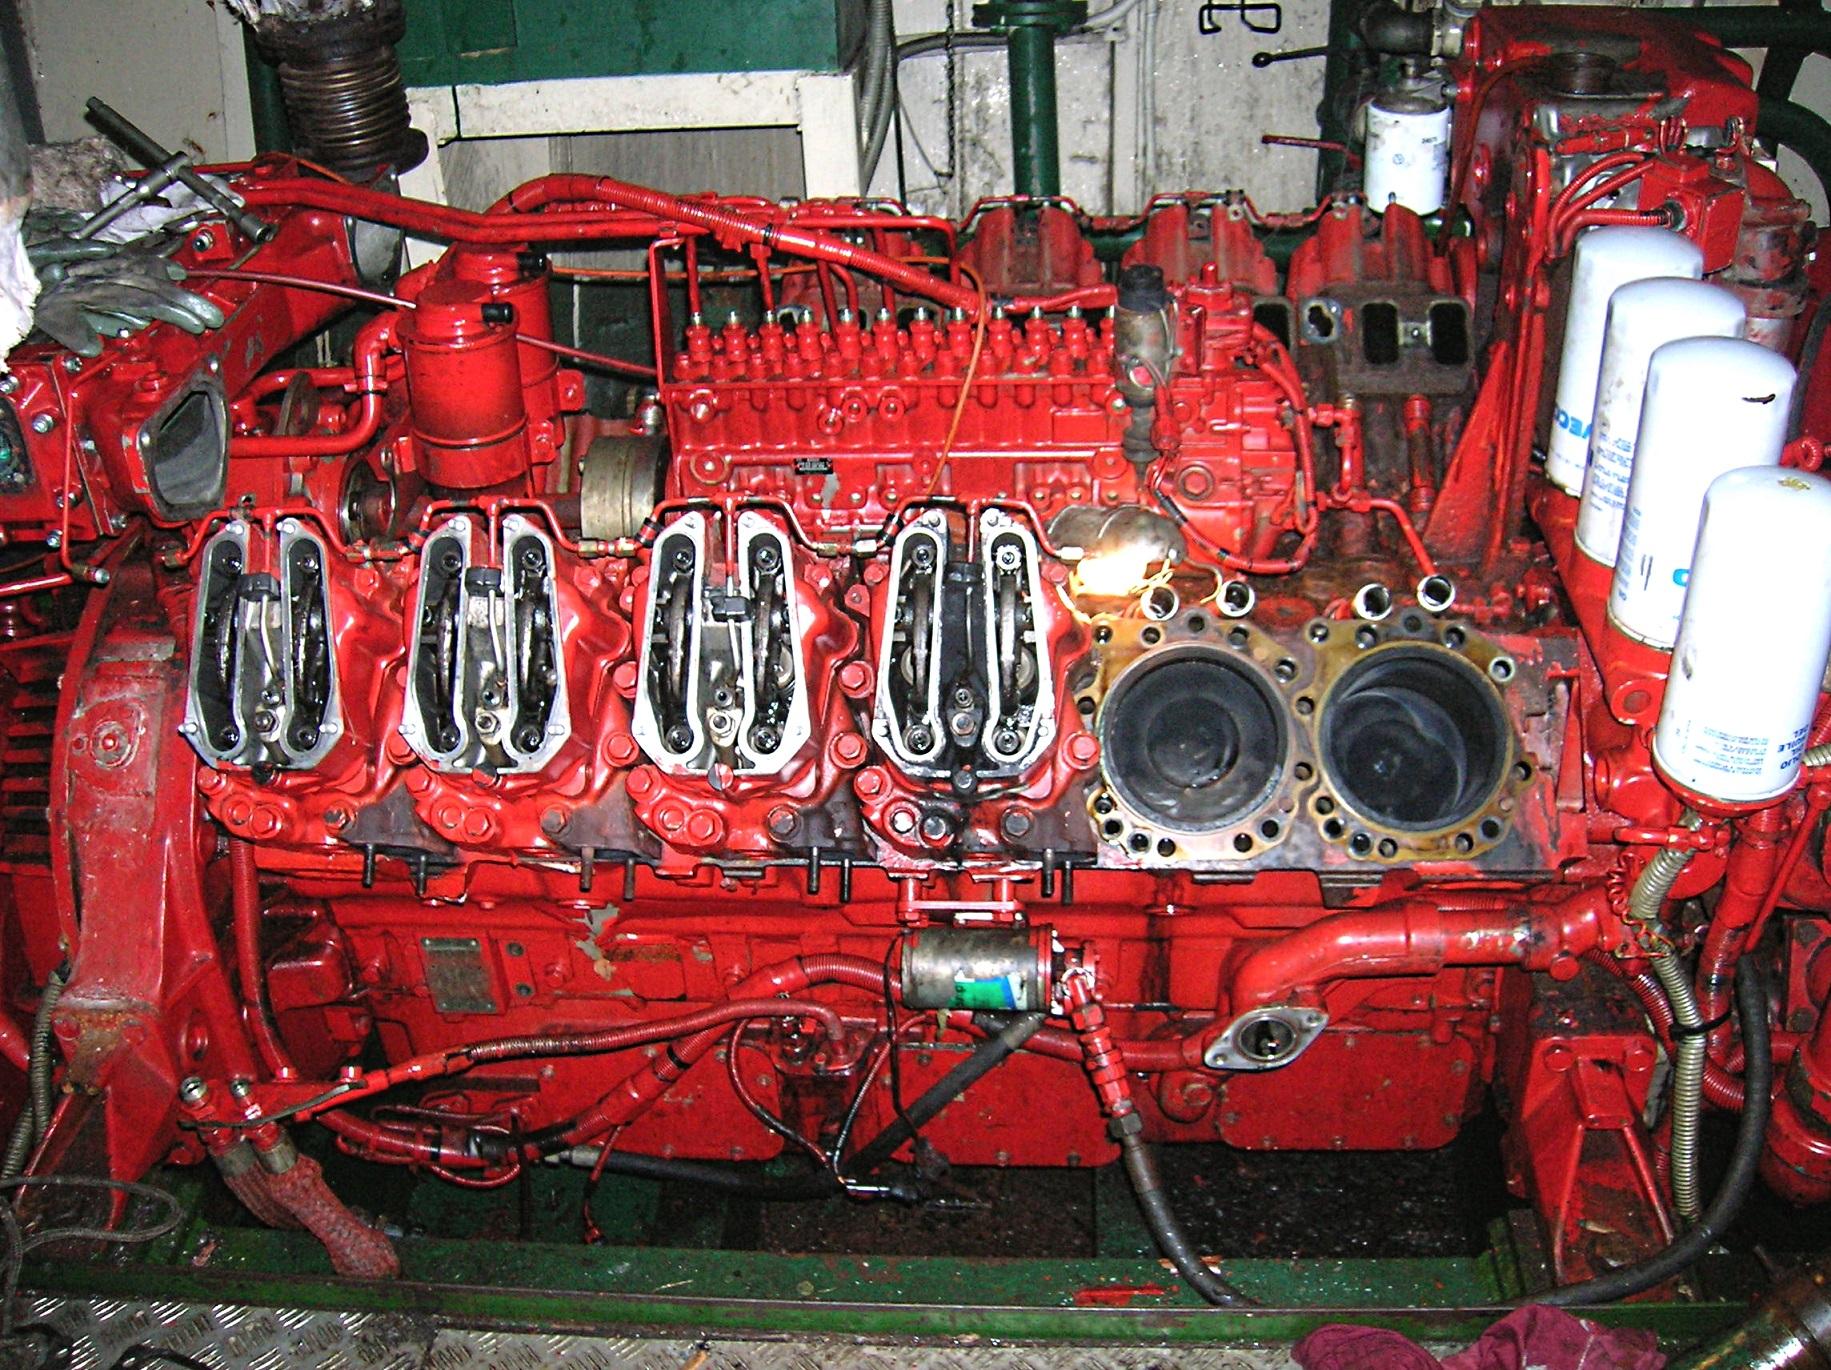 Servizio di manutenzione per impianti di refrigerazione e condizionamento industriale e navale